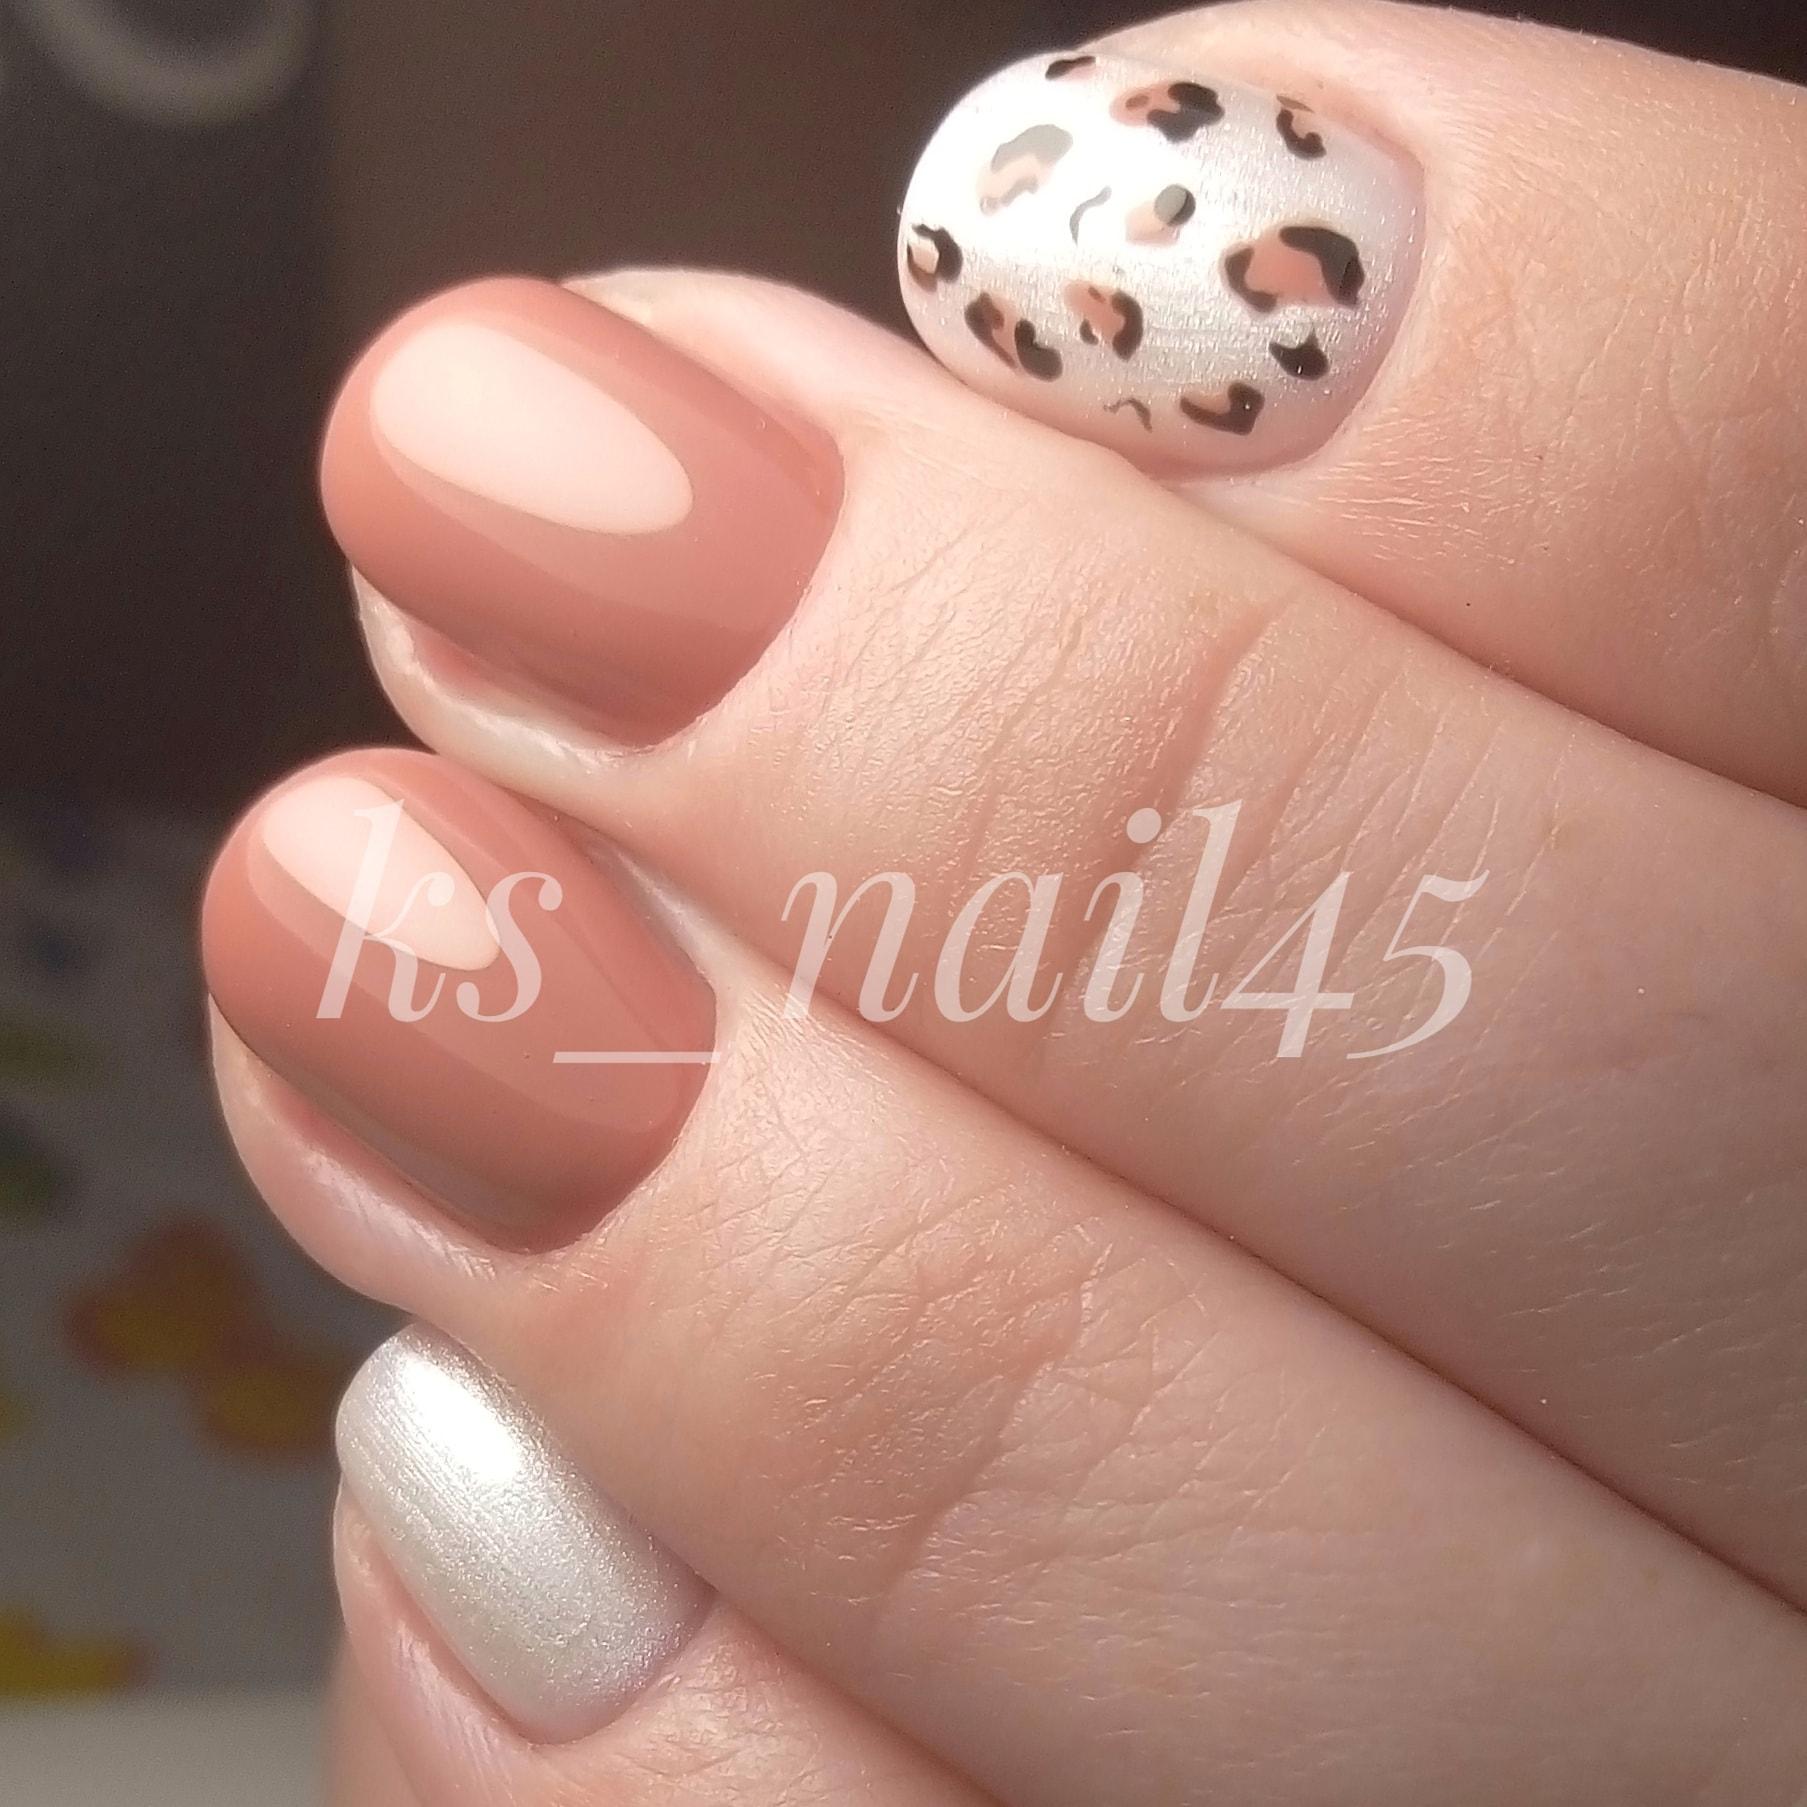 Маникюр с леопардовым принтом и серебряными блестками в коричневом цвете на короткие ногти.